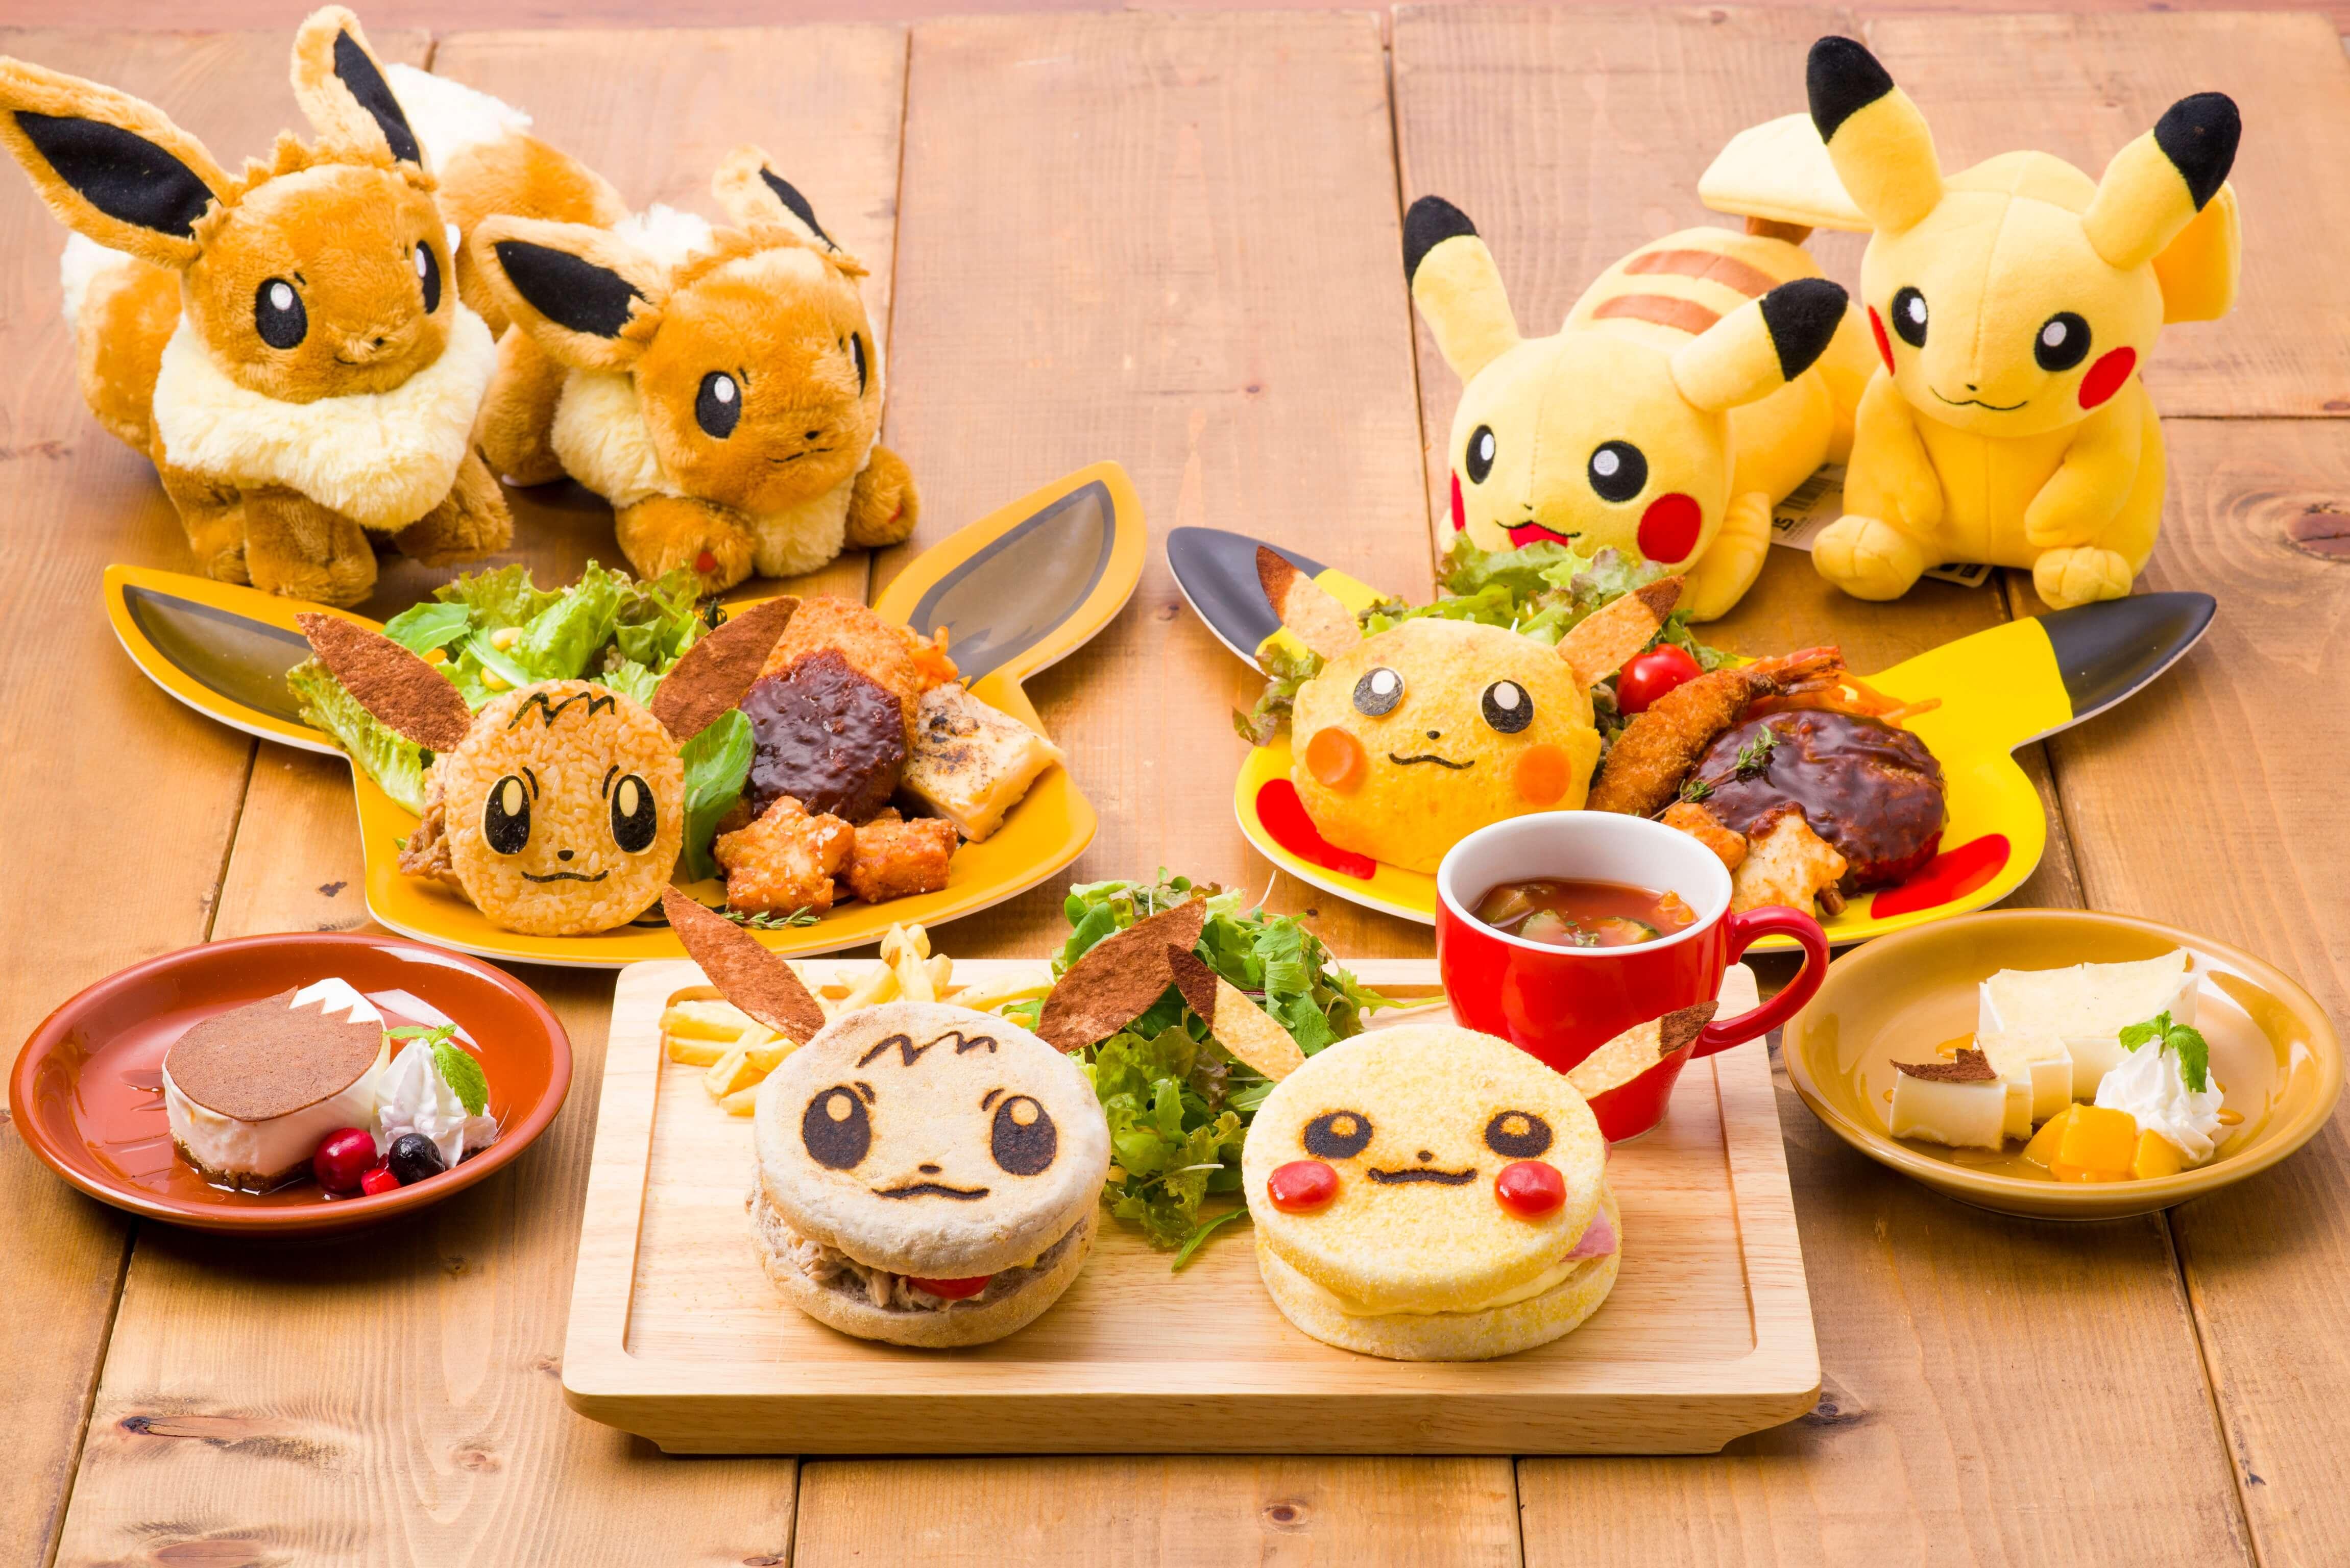 日本橋ポケモンカフェ Pokemon cafe 精靈寶可夢咖啡廳